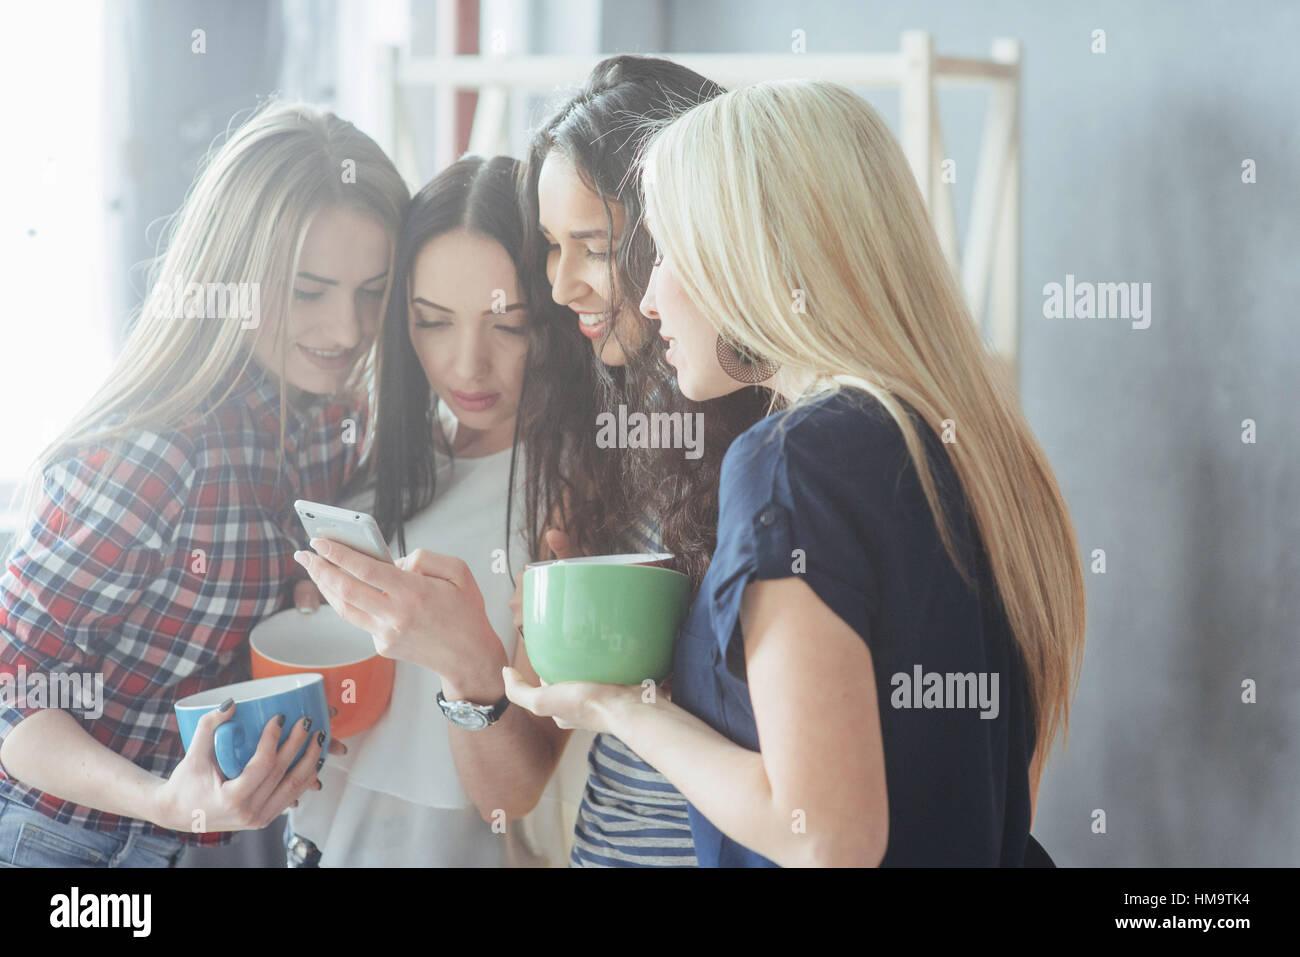 Grupo bellos jóvenes disfrutando en la conversación y beber café, mejores amigos niñas junto Imagen De Stock